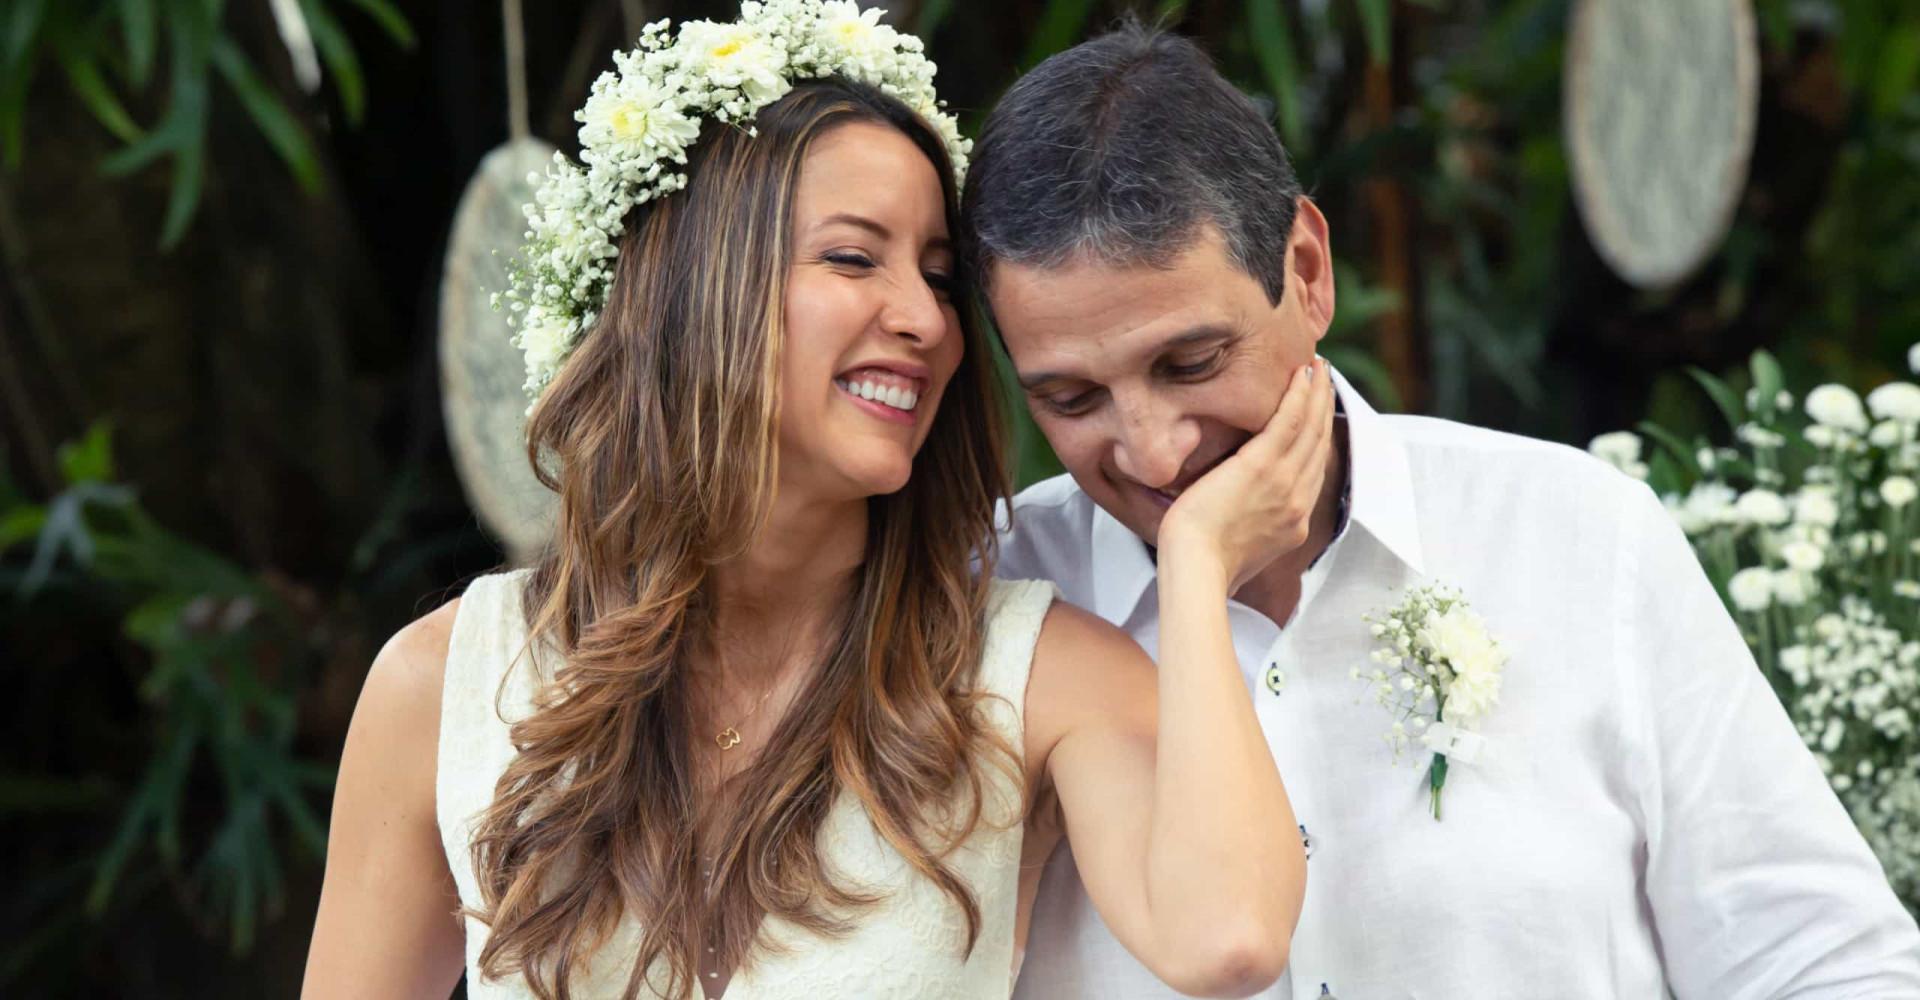 Koppel trouwt in basisschool